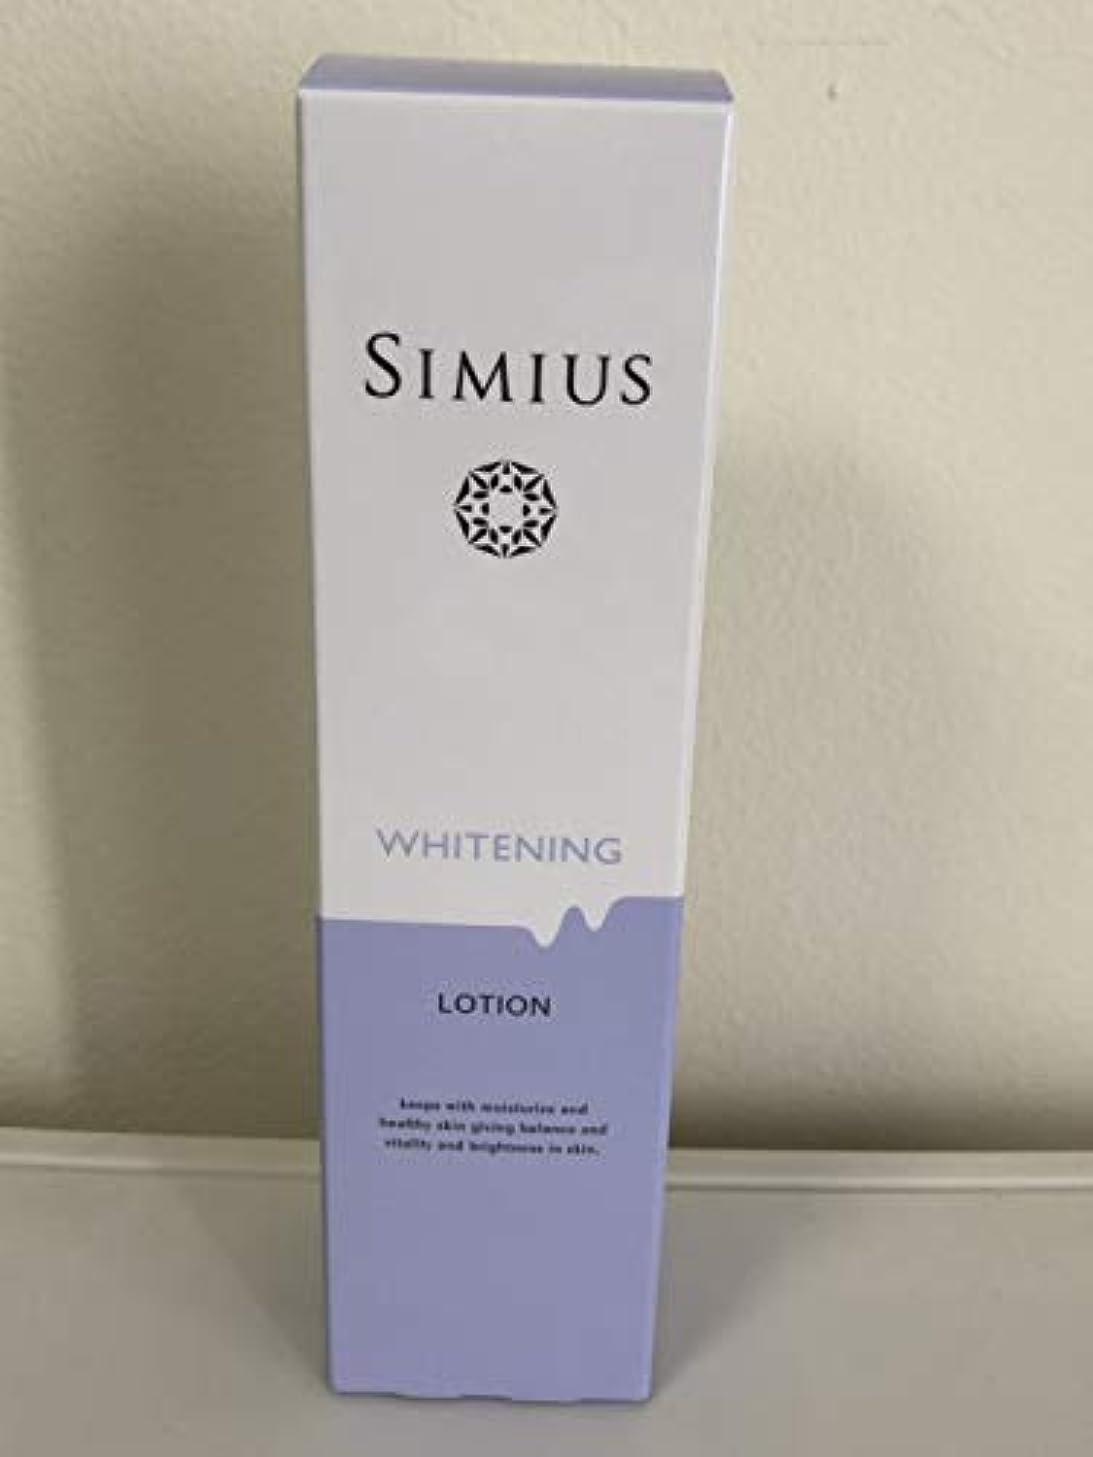 熱心な散歩取るGrace&Lucere Simius シミウス 薬用美白ホワイトC 化粧水 150ml